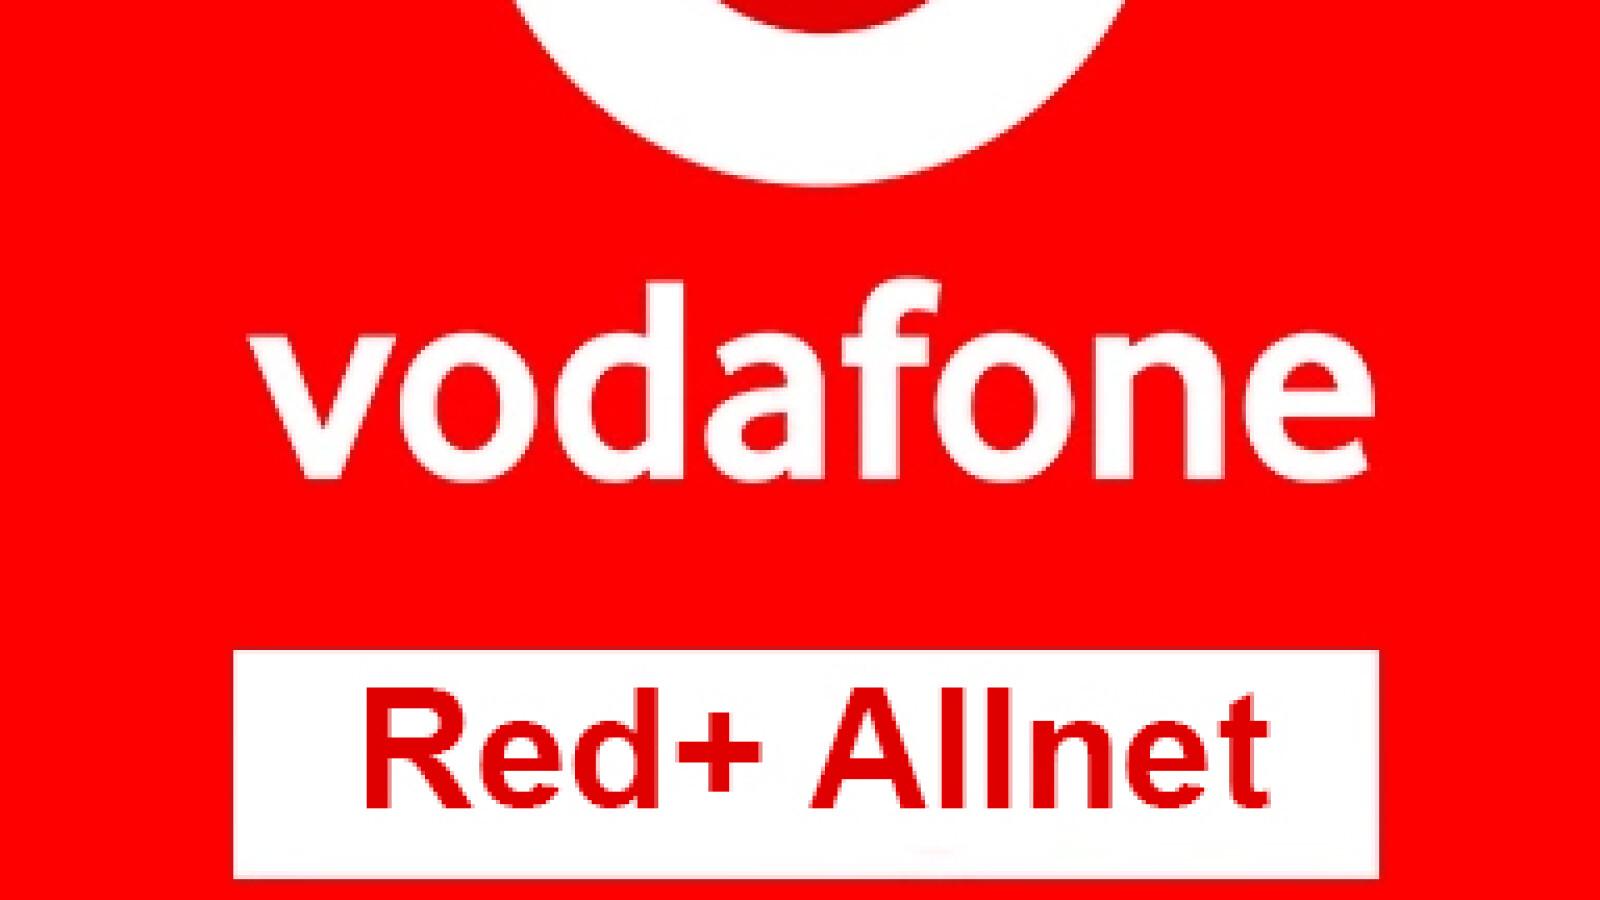 Vodafone Red+ Allnet